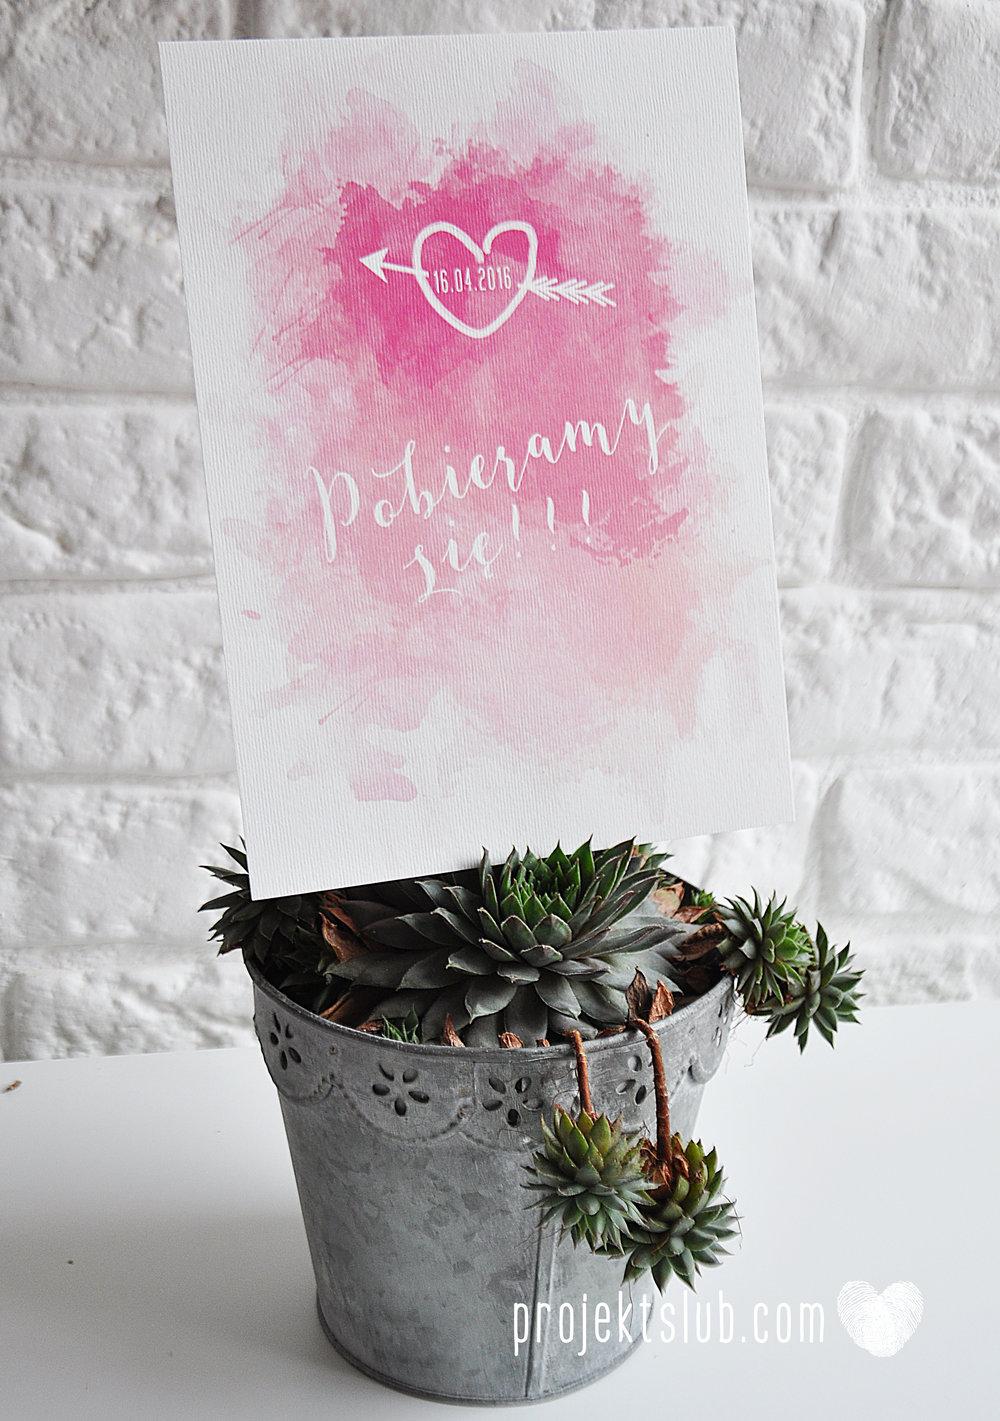 Zaproszenia Ślubne Boho Rustic Eko Oryginalne Wyjątkowe Rustykalne Sznurek Akwarelowe Róż Ombre Projekt Ślub (2).jpg